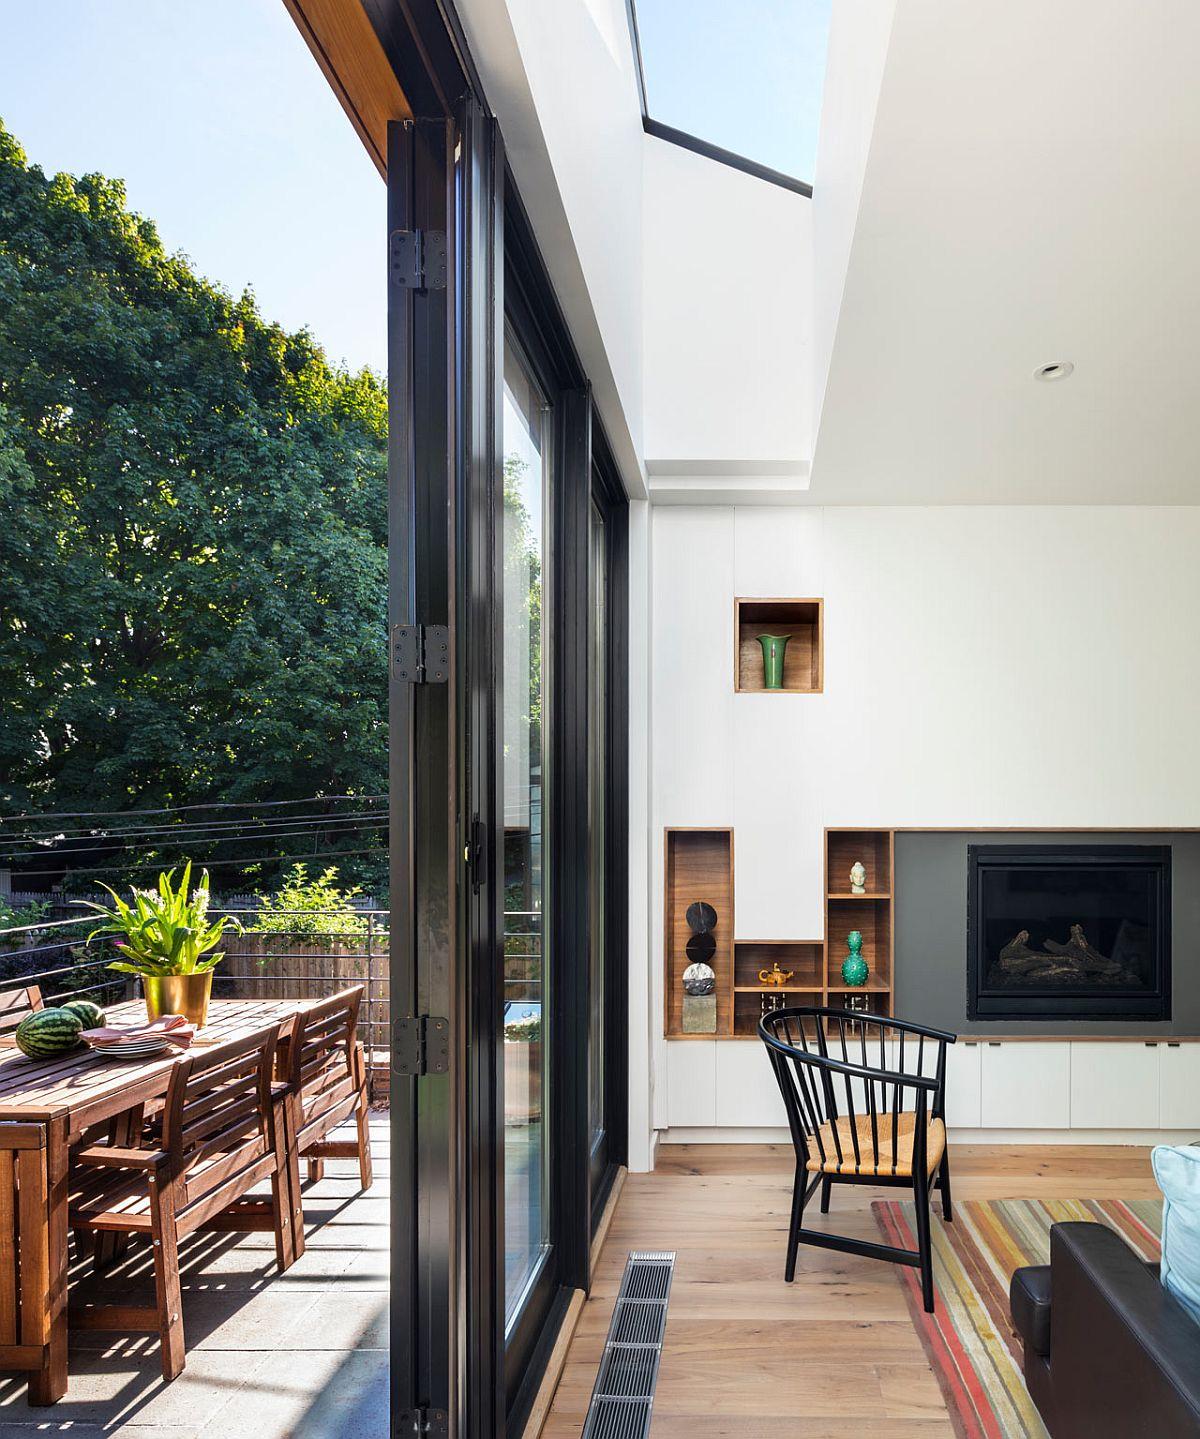 Arhitecții au prevăzut lumina naturală din mai multe zone decât cele ale ferestrelor, inclusiv prin luminatoare strategic poziționate, având în vedere faptul că spațiul zonei de zi este șung și îngust, iar centrul locuinței este departe de sursele de lumină naturală.